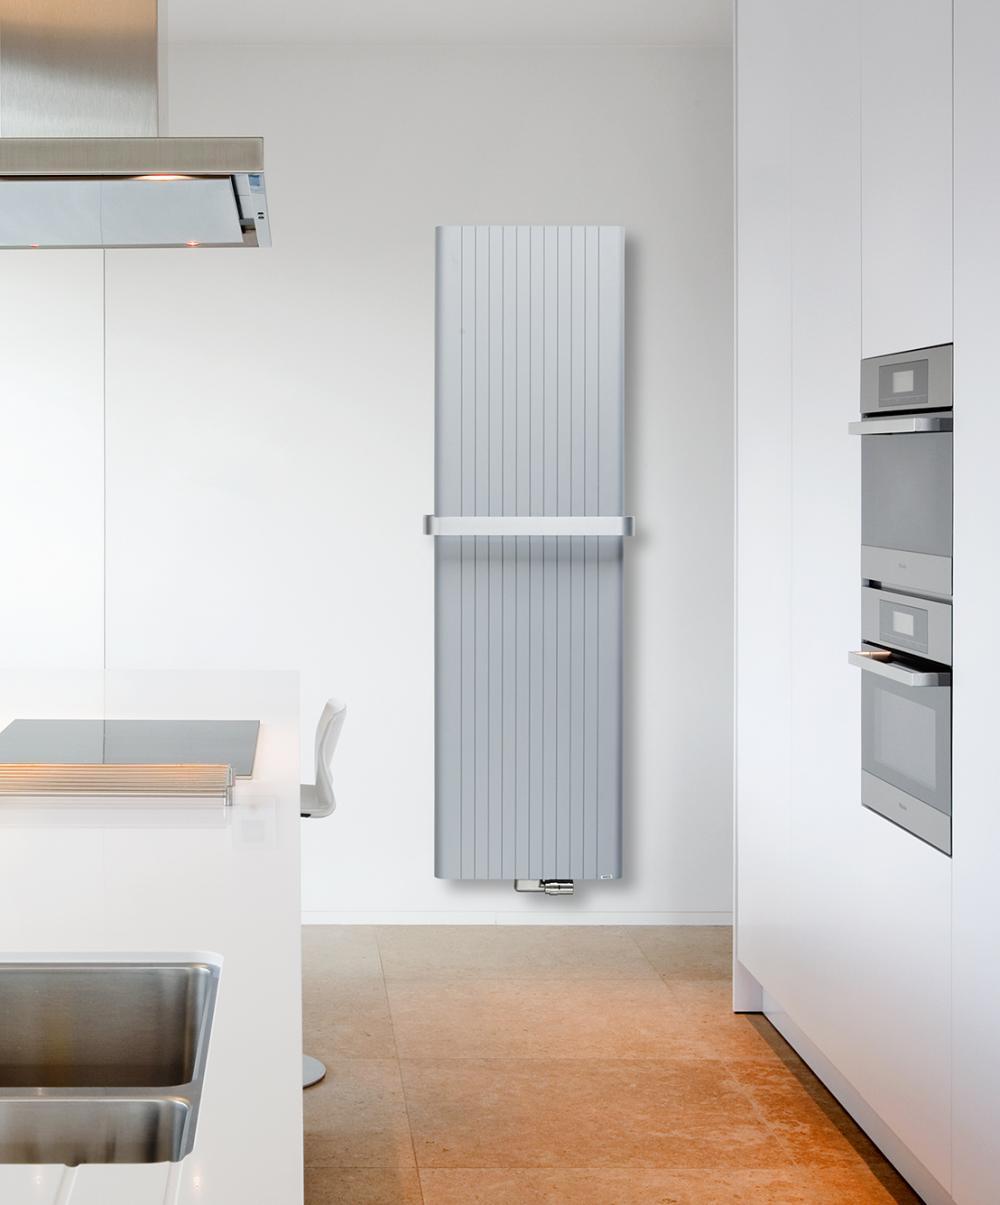 Calorifere decorative aluminiu Vasco Alu-Zen 2200x375 mm, 1557 W